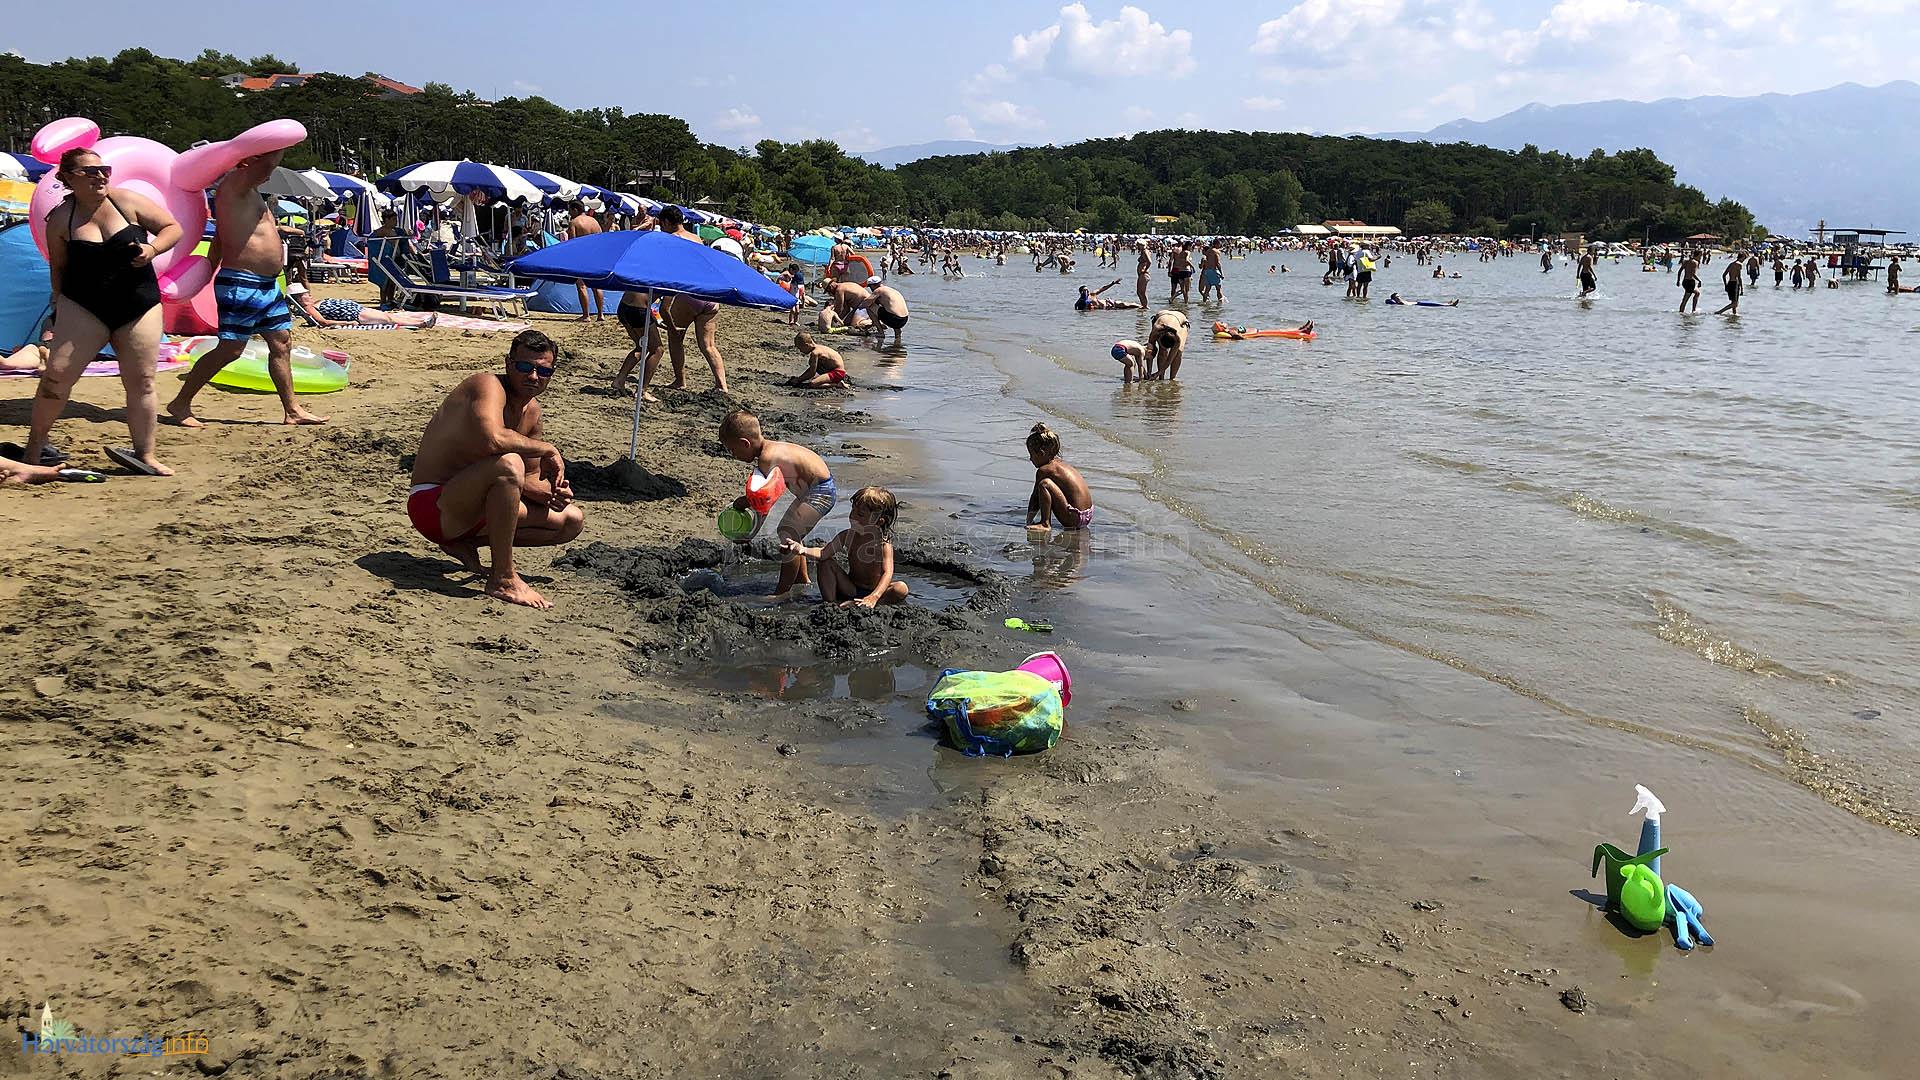 Strandajánló - Balatonfüredi Kisfaludy strand, ahol mindenki megtalálja a helyét | Balatontipp